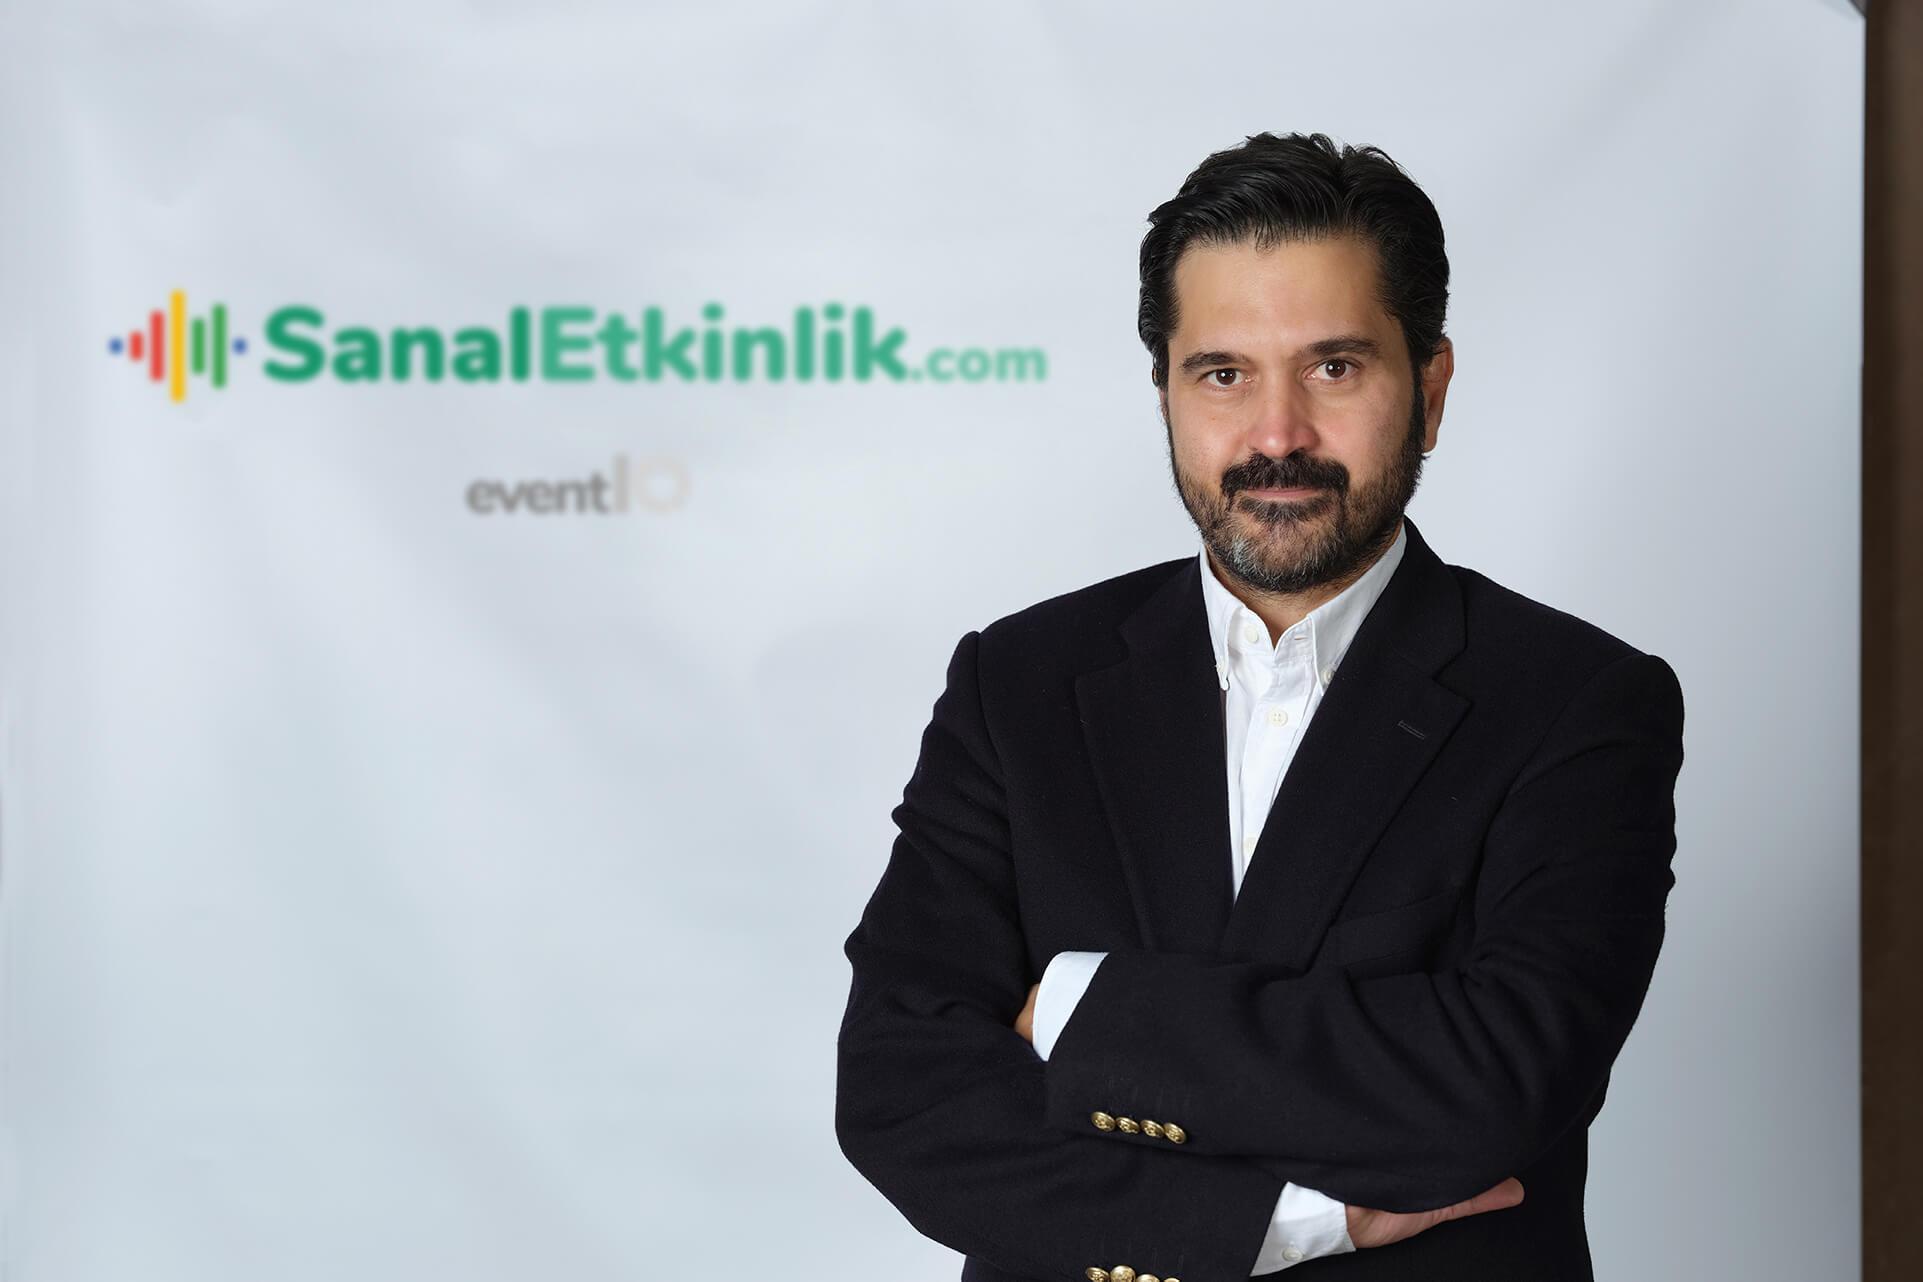 SanalEtkinlik com'dan etkileşim odaklı Sanal Etkinlik 2.0